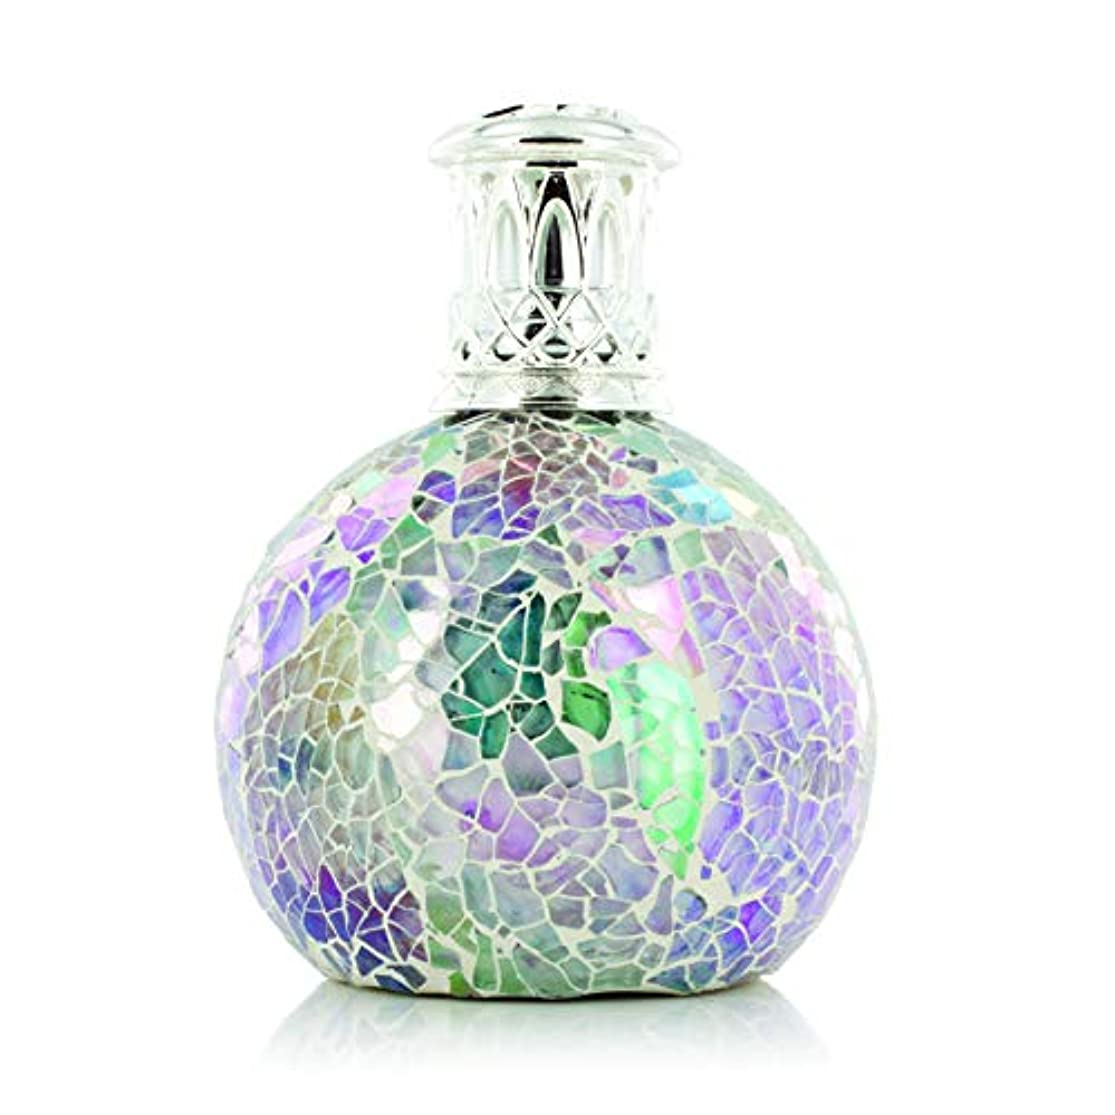 証拠株式会社フラフープAshleigh&Burwood フレグランスランプ S フェアリーボール FragranceLamps sizeS FairyBall アシュレイ&バーウッド